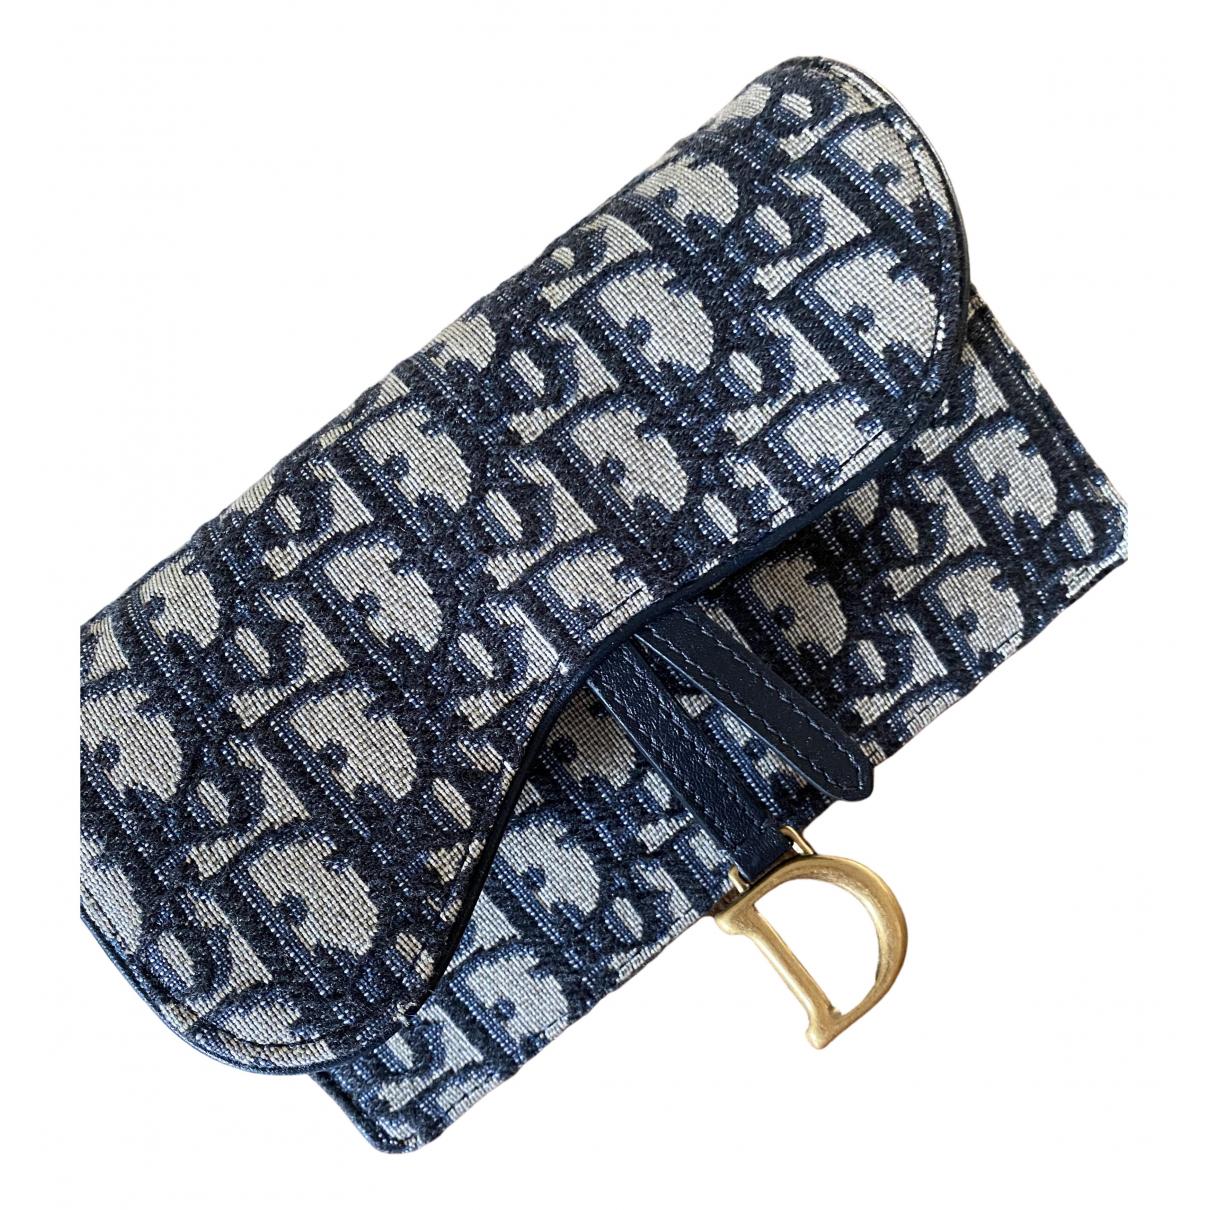 Dior Saddle Blue Cloth Clutch bag for Women \N